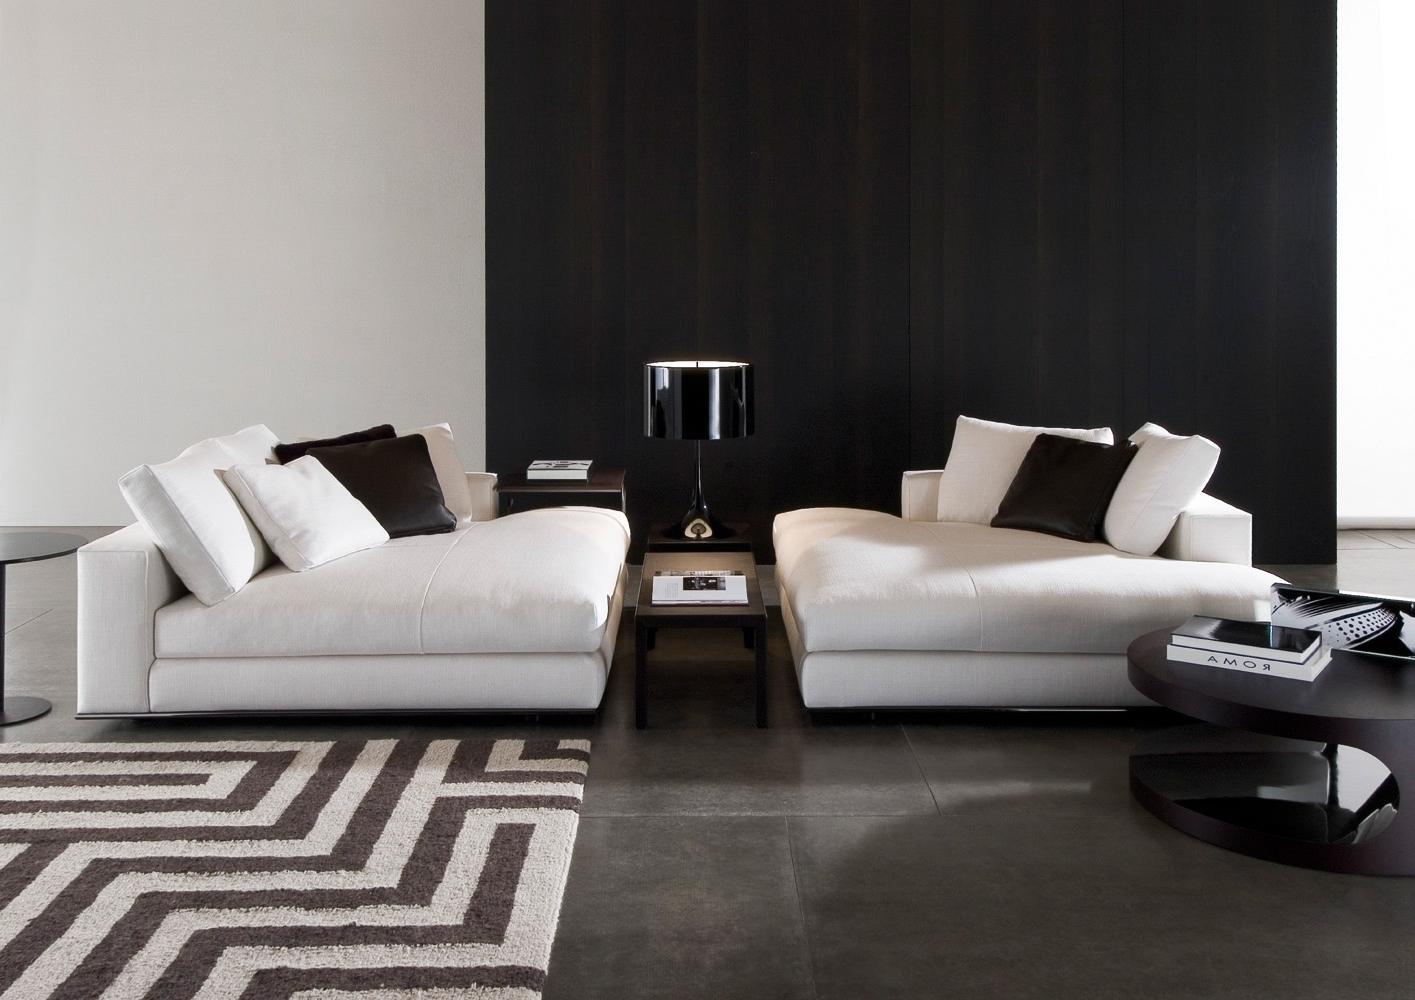 2017 Hamilton Sectional Sofas Throughout Modular Sofa Hamilton Sofa, Minotti – Luxury Furniture Mr (View 12 of 15)